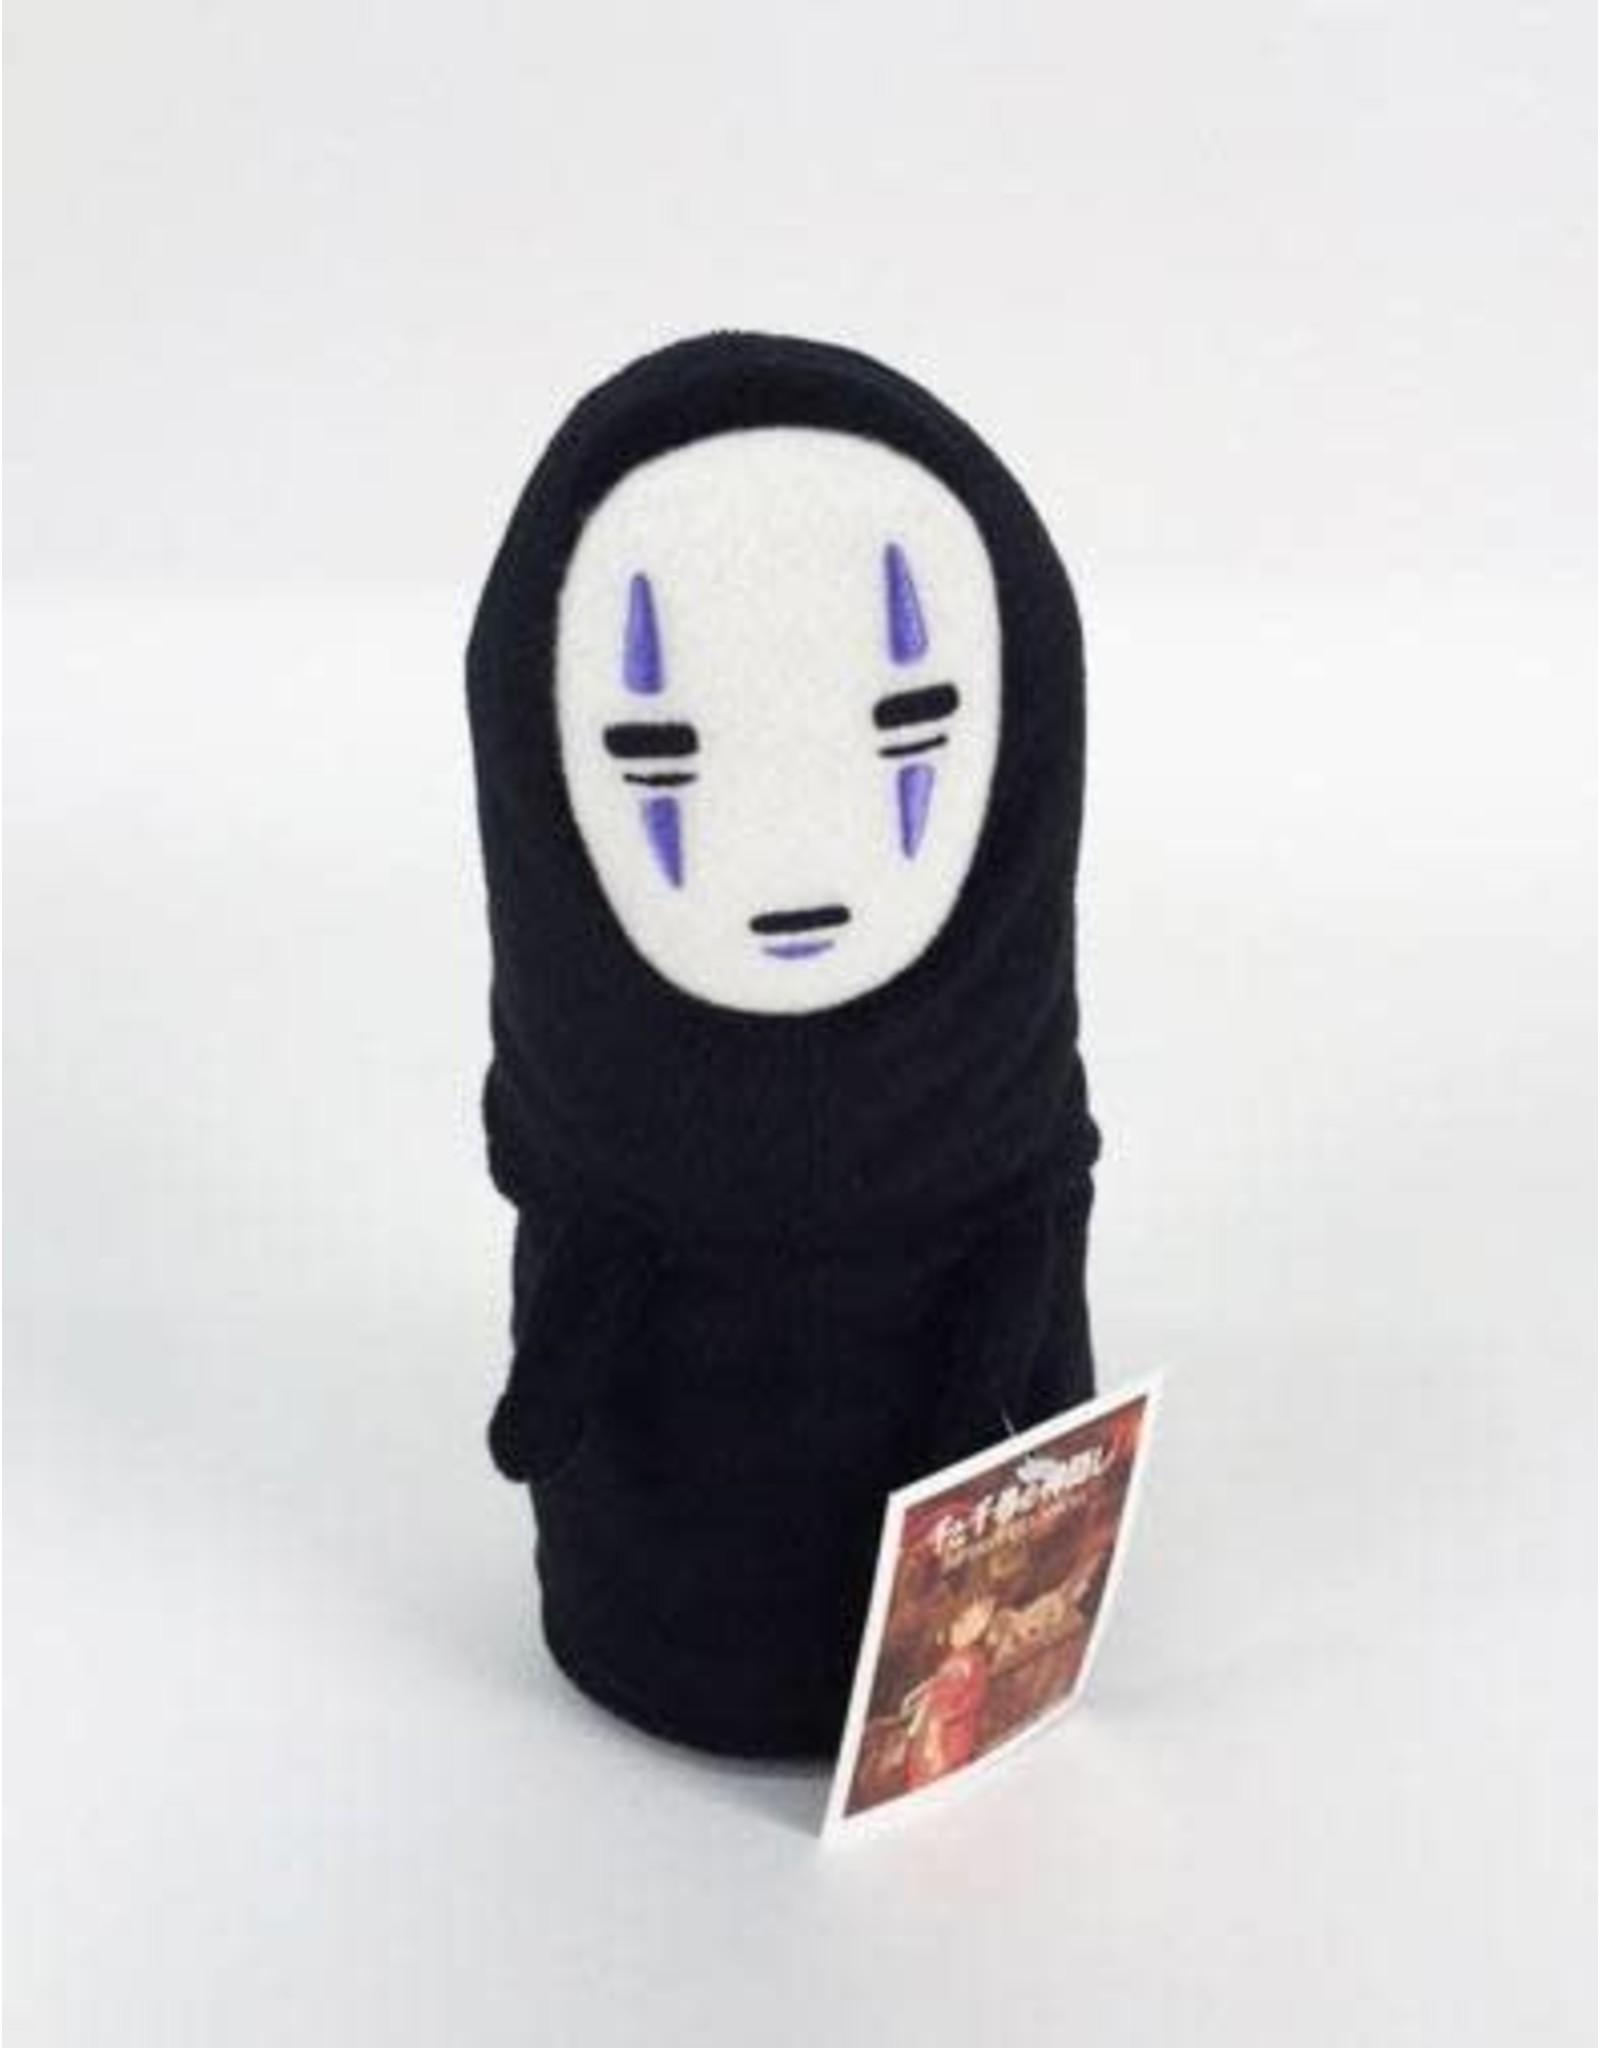 Kaonashi (No Face) - Studio Ghibli Plush Figure 18 cm